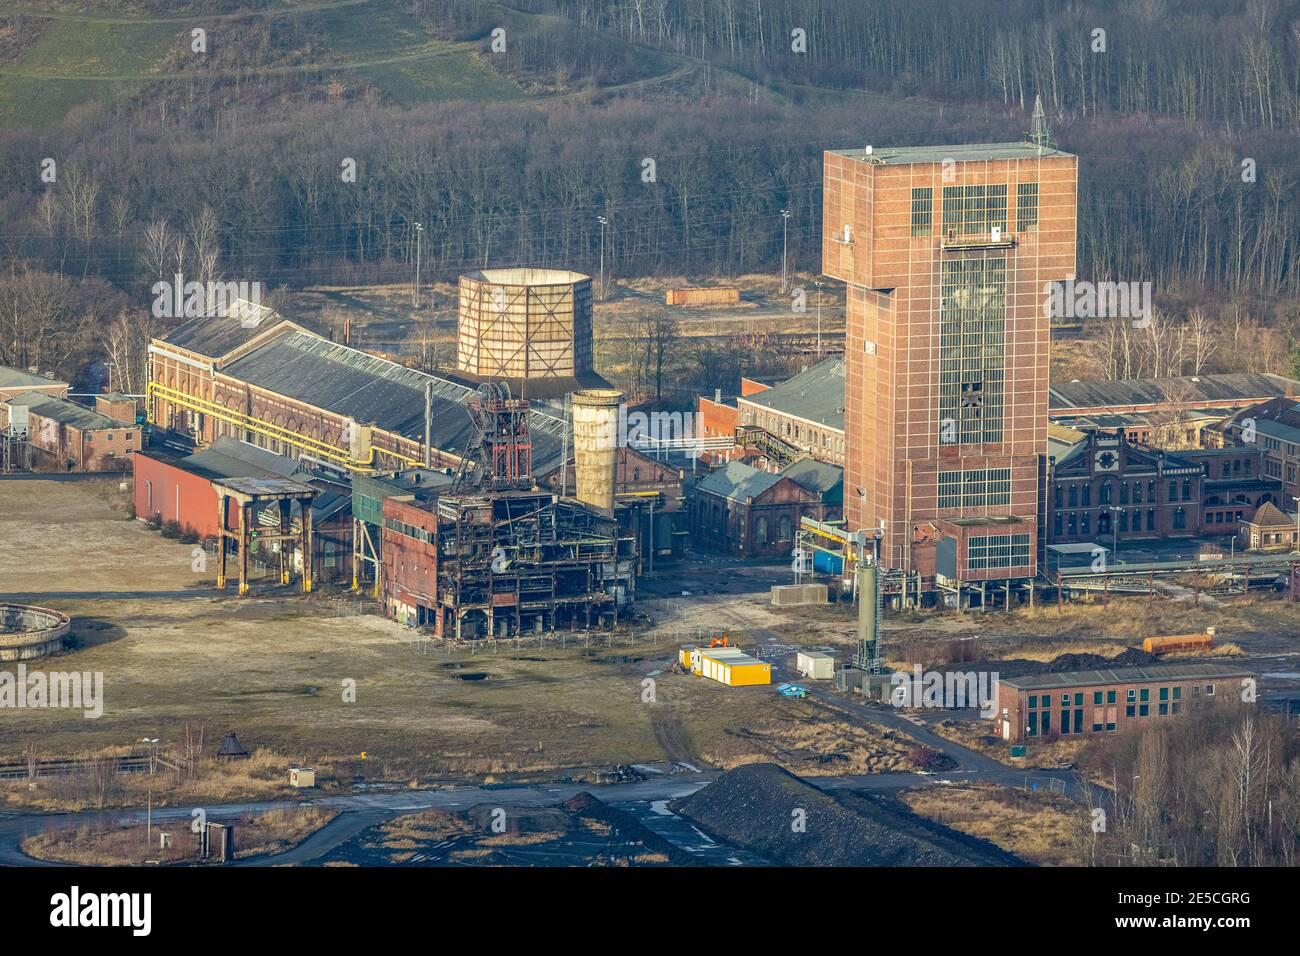 Luftbild mit Hammerkopfturm im Bergwerk Ost Zeche Heinrich Robert, CreativRevier in Wiescherhöfen, Hamm, Ruhrgebiet, Nordrhein-Westfalen, Deutschland, Foto Stock